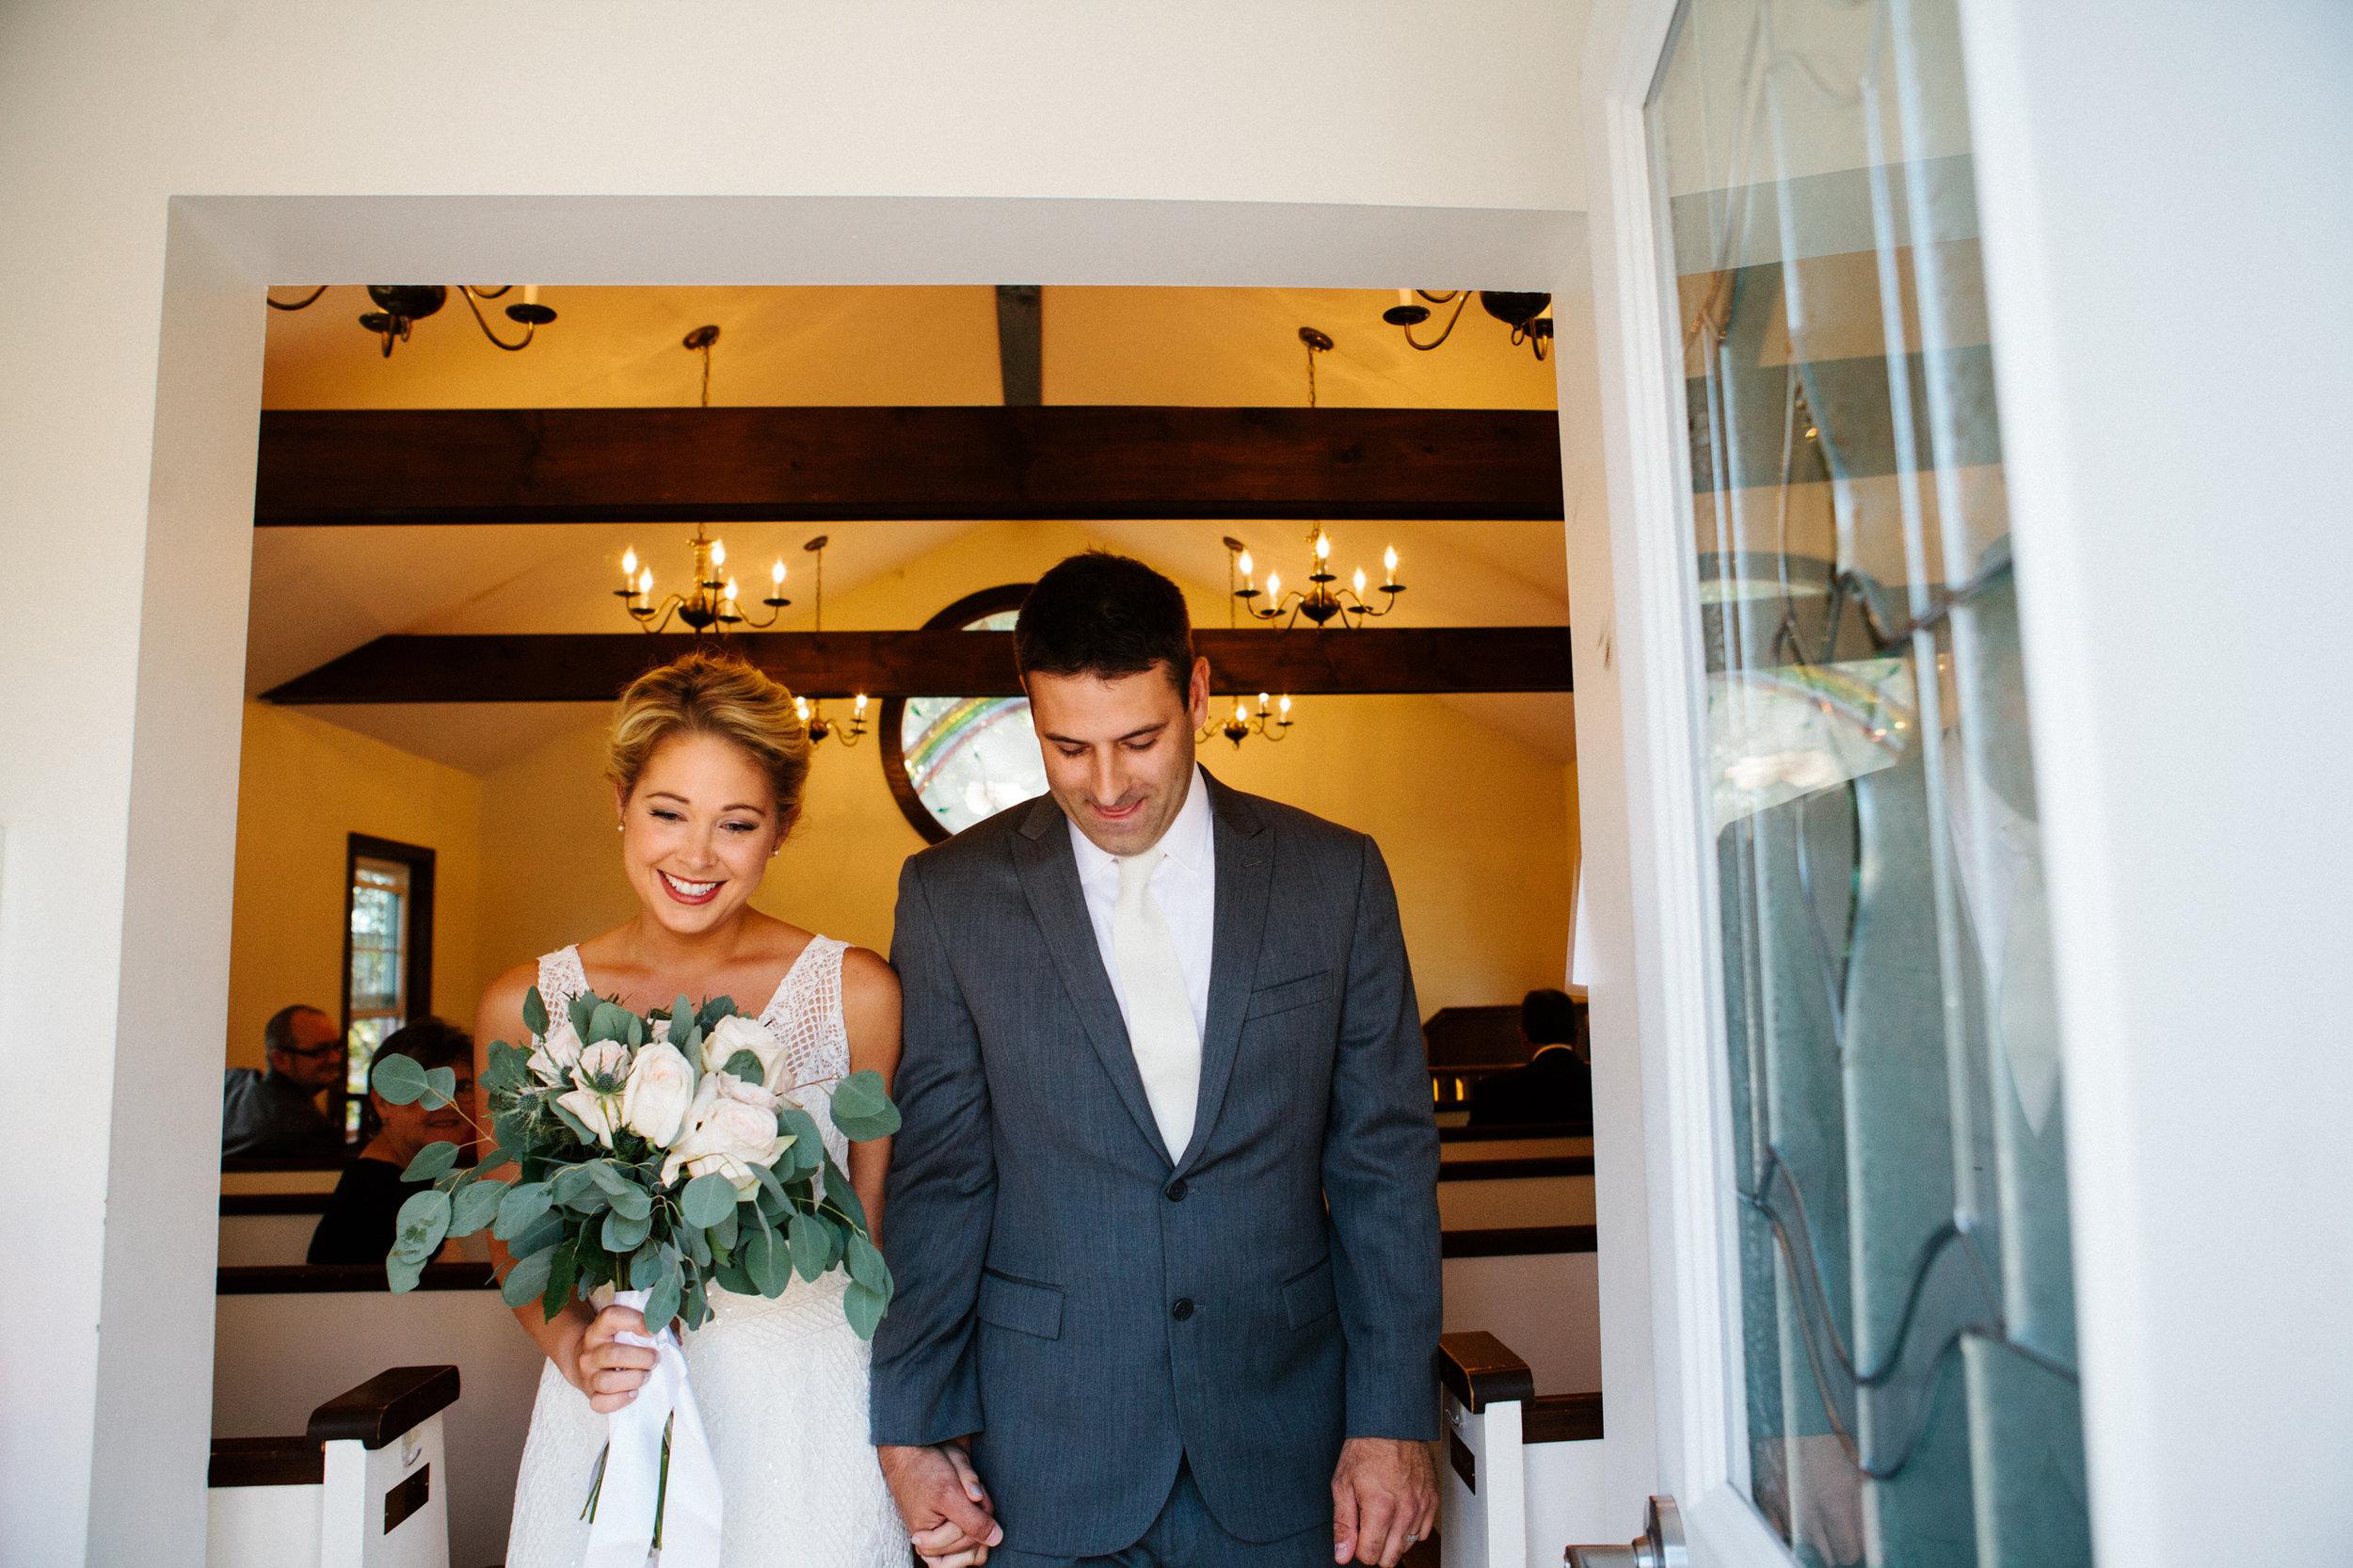 all-faiths-chapel-wedding-south-portland-maine-photography-807.jpg